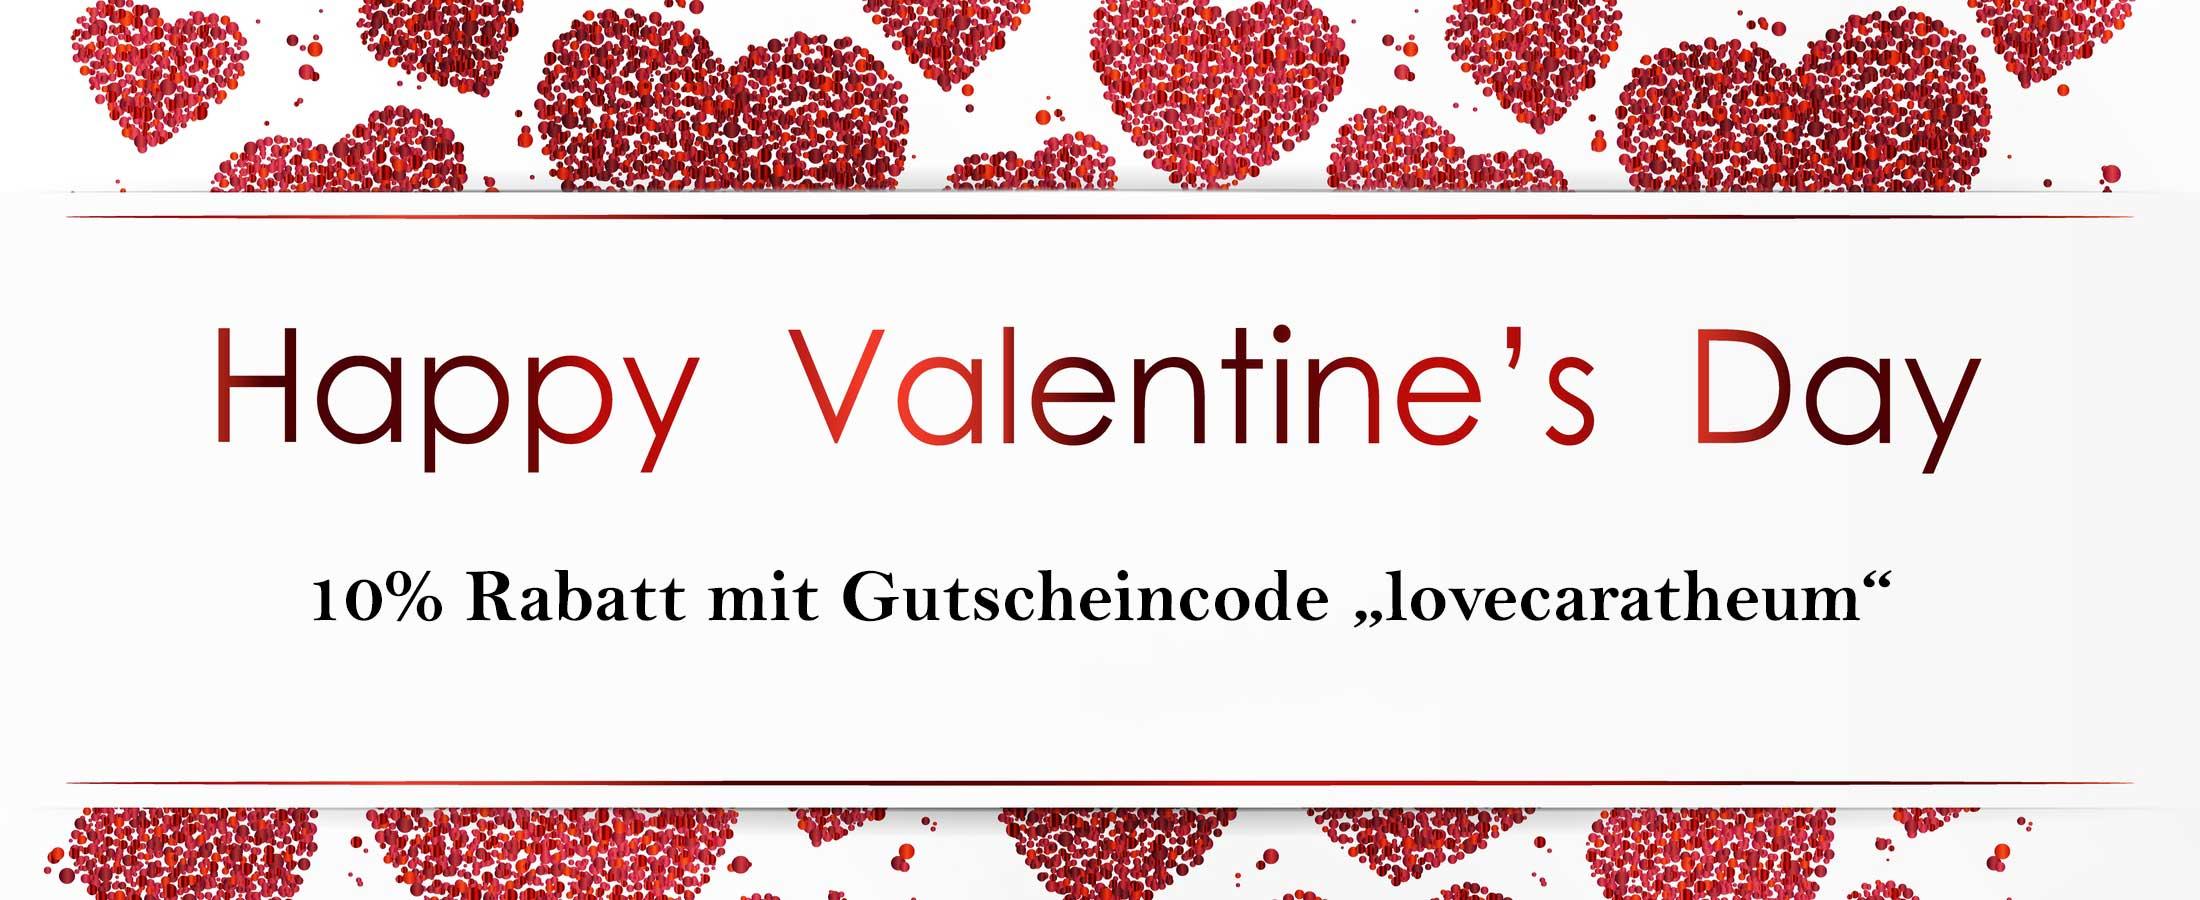 Valentinstag - Tag für alle Liebenden